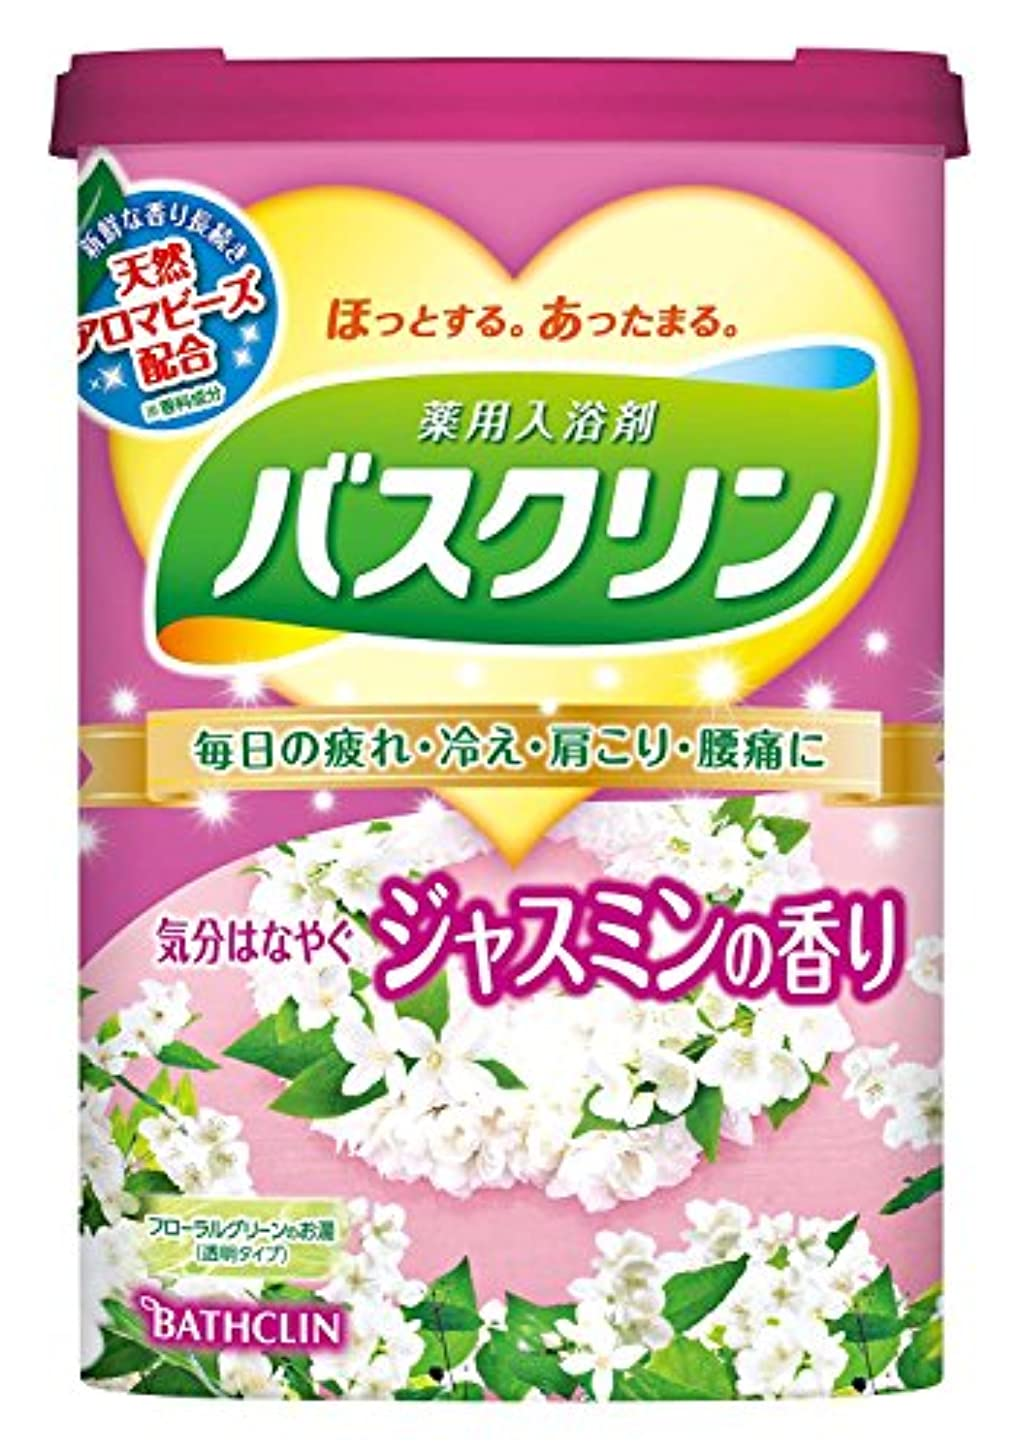 辞任する排泄物理容師【医薬部外品】バスクリン ジャスミンの香り 600g 入浴剤